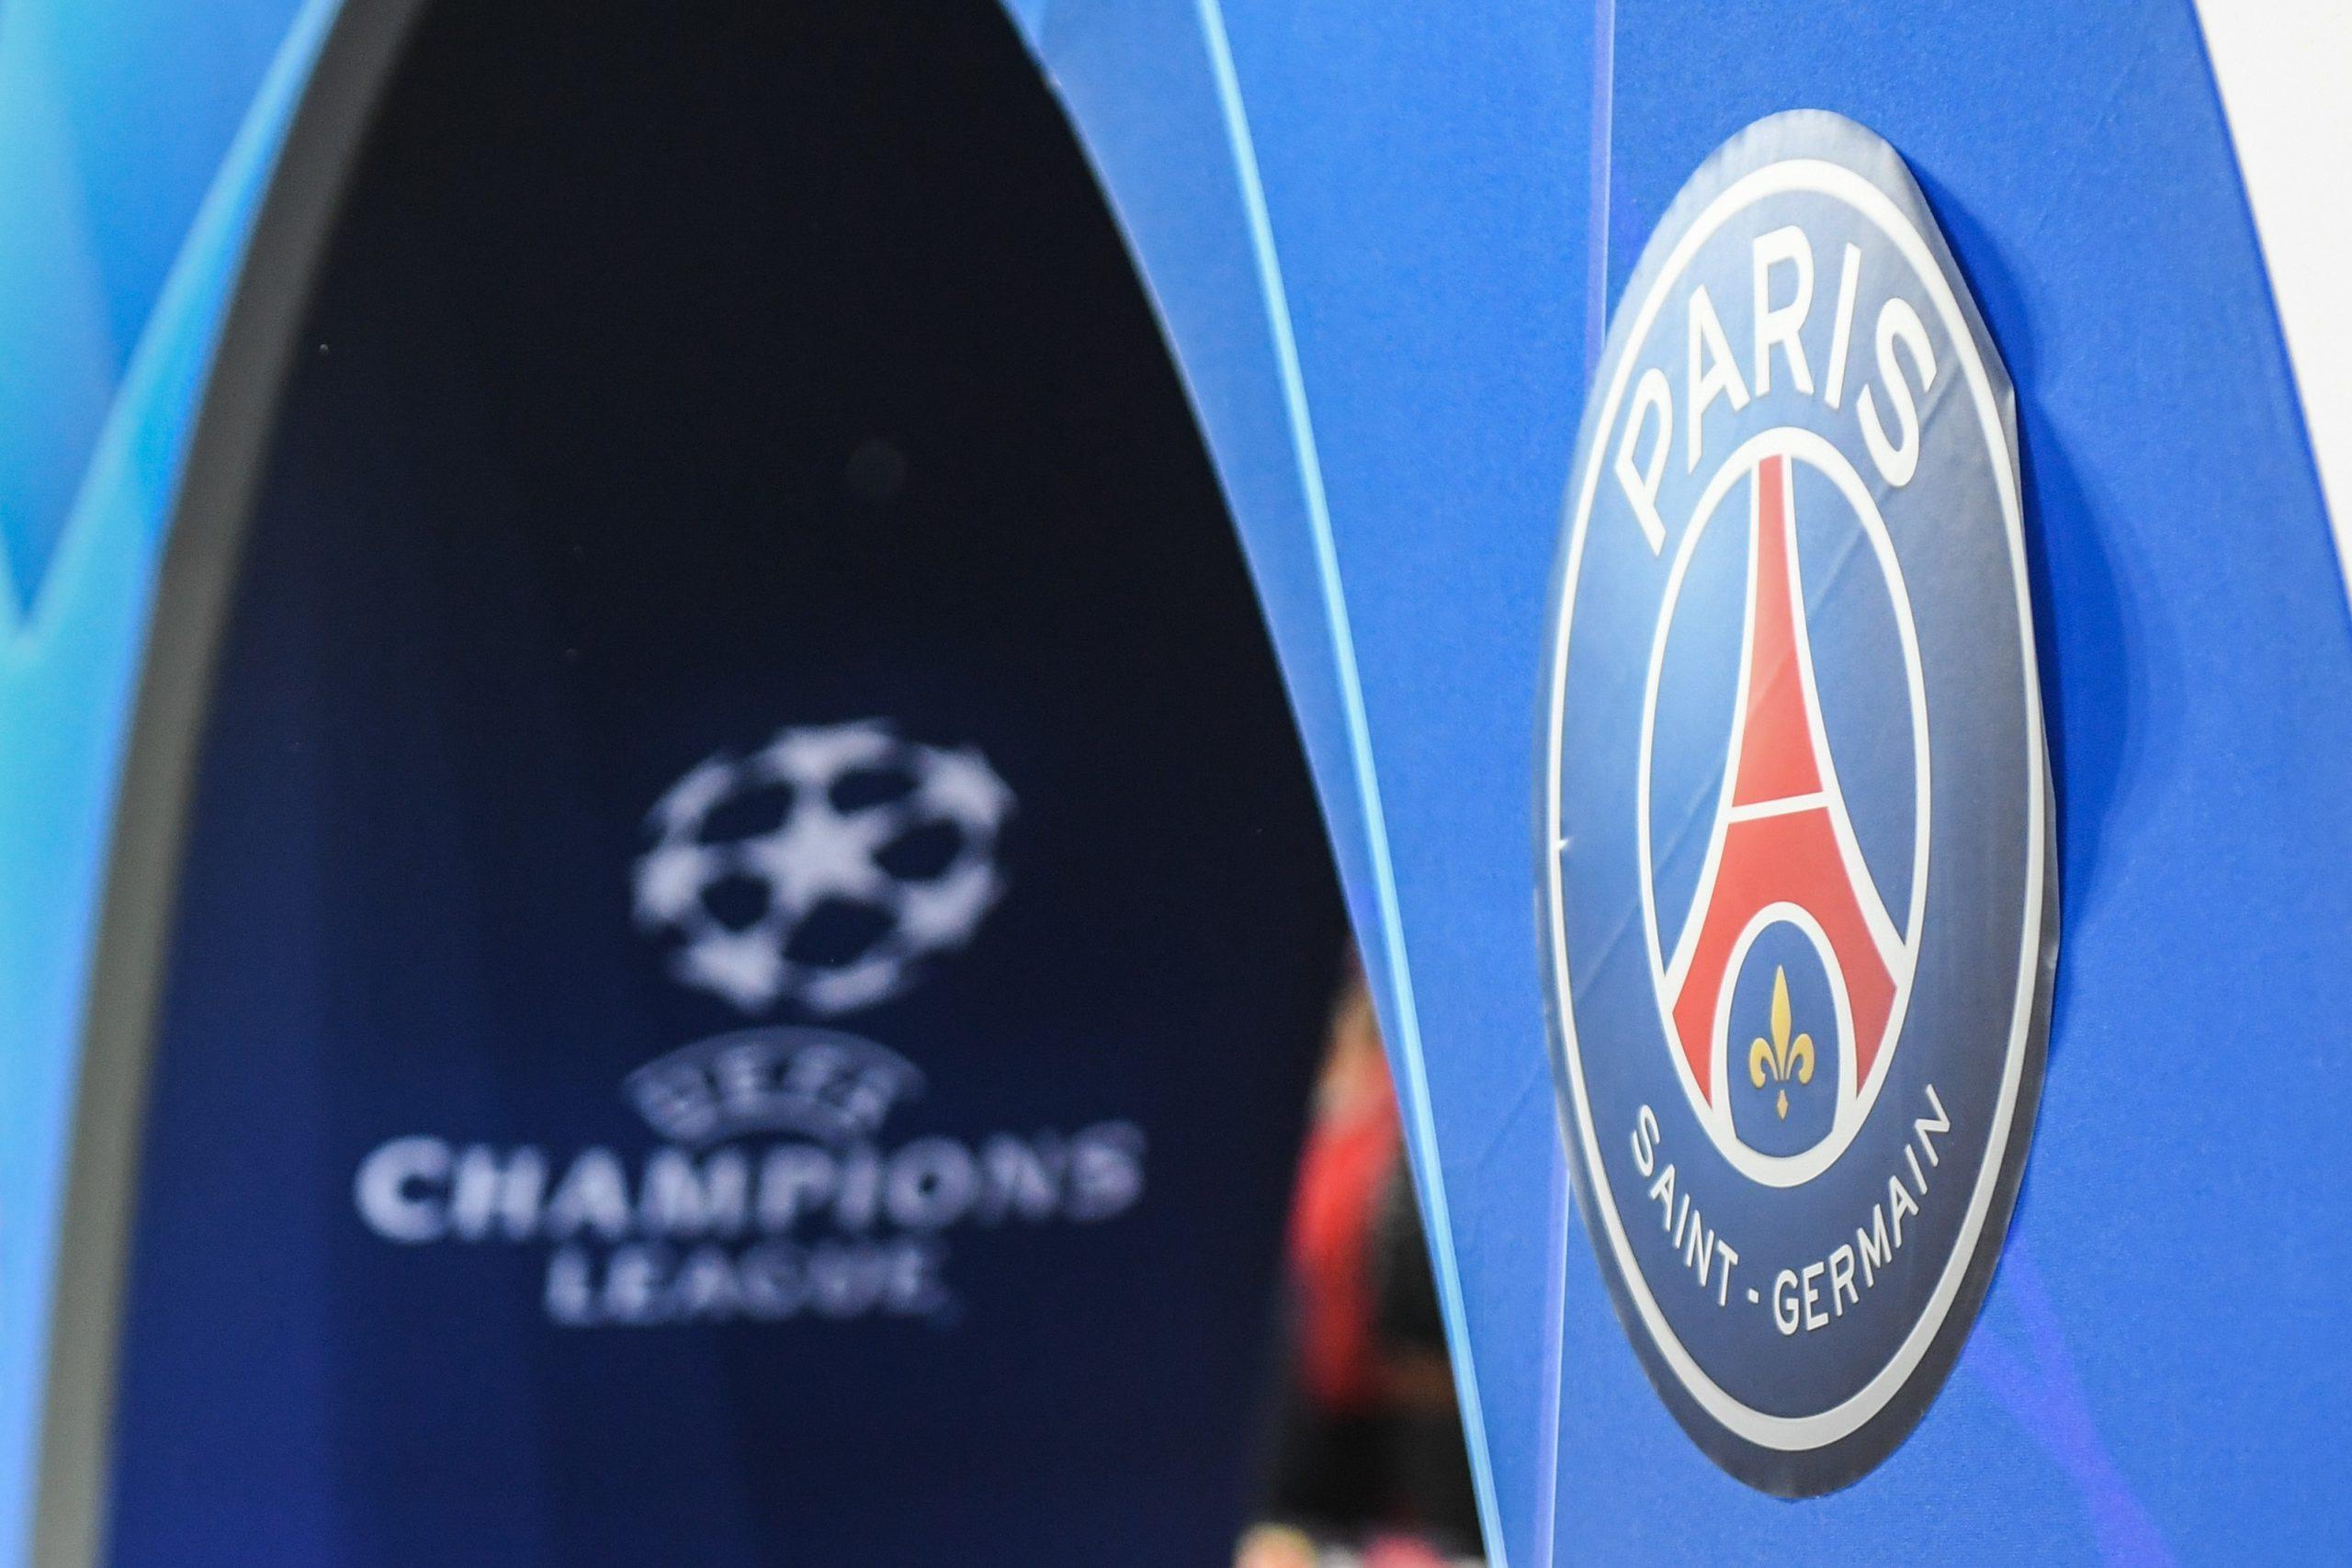 Istanbul BB/PSG - L'Equipe avance une équipe parisienne probable en 4-3-3